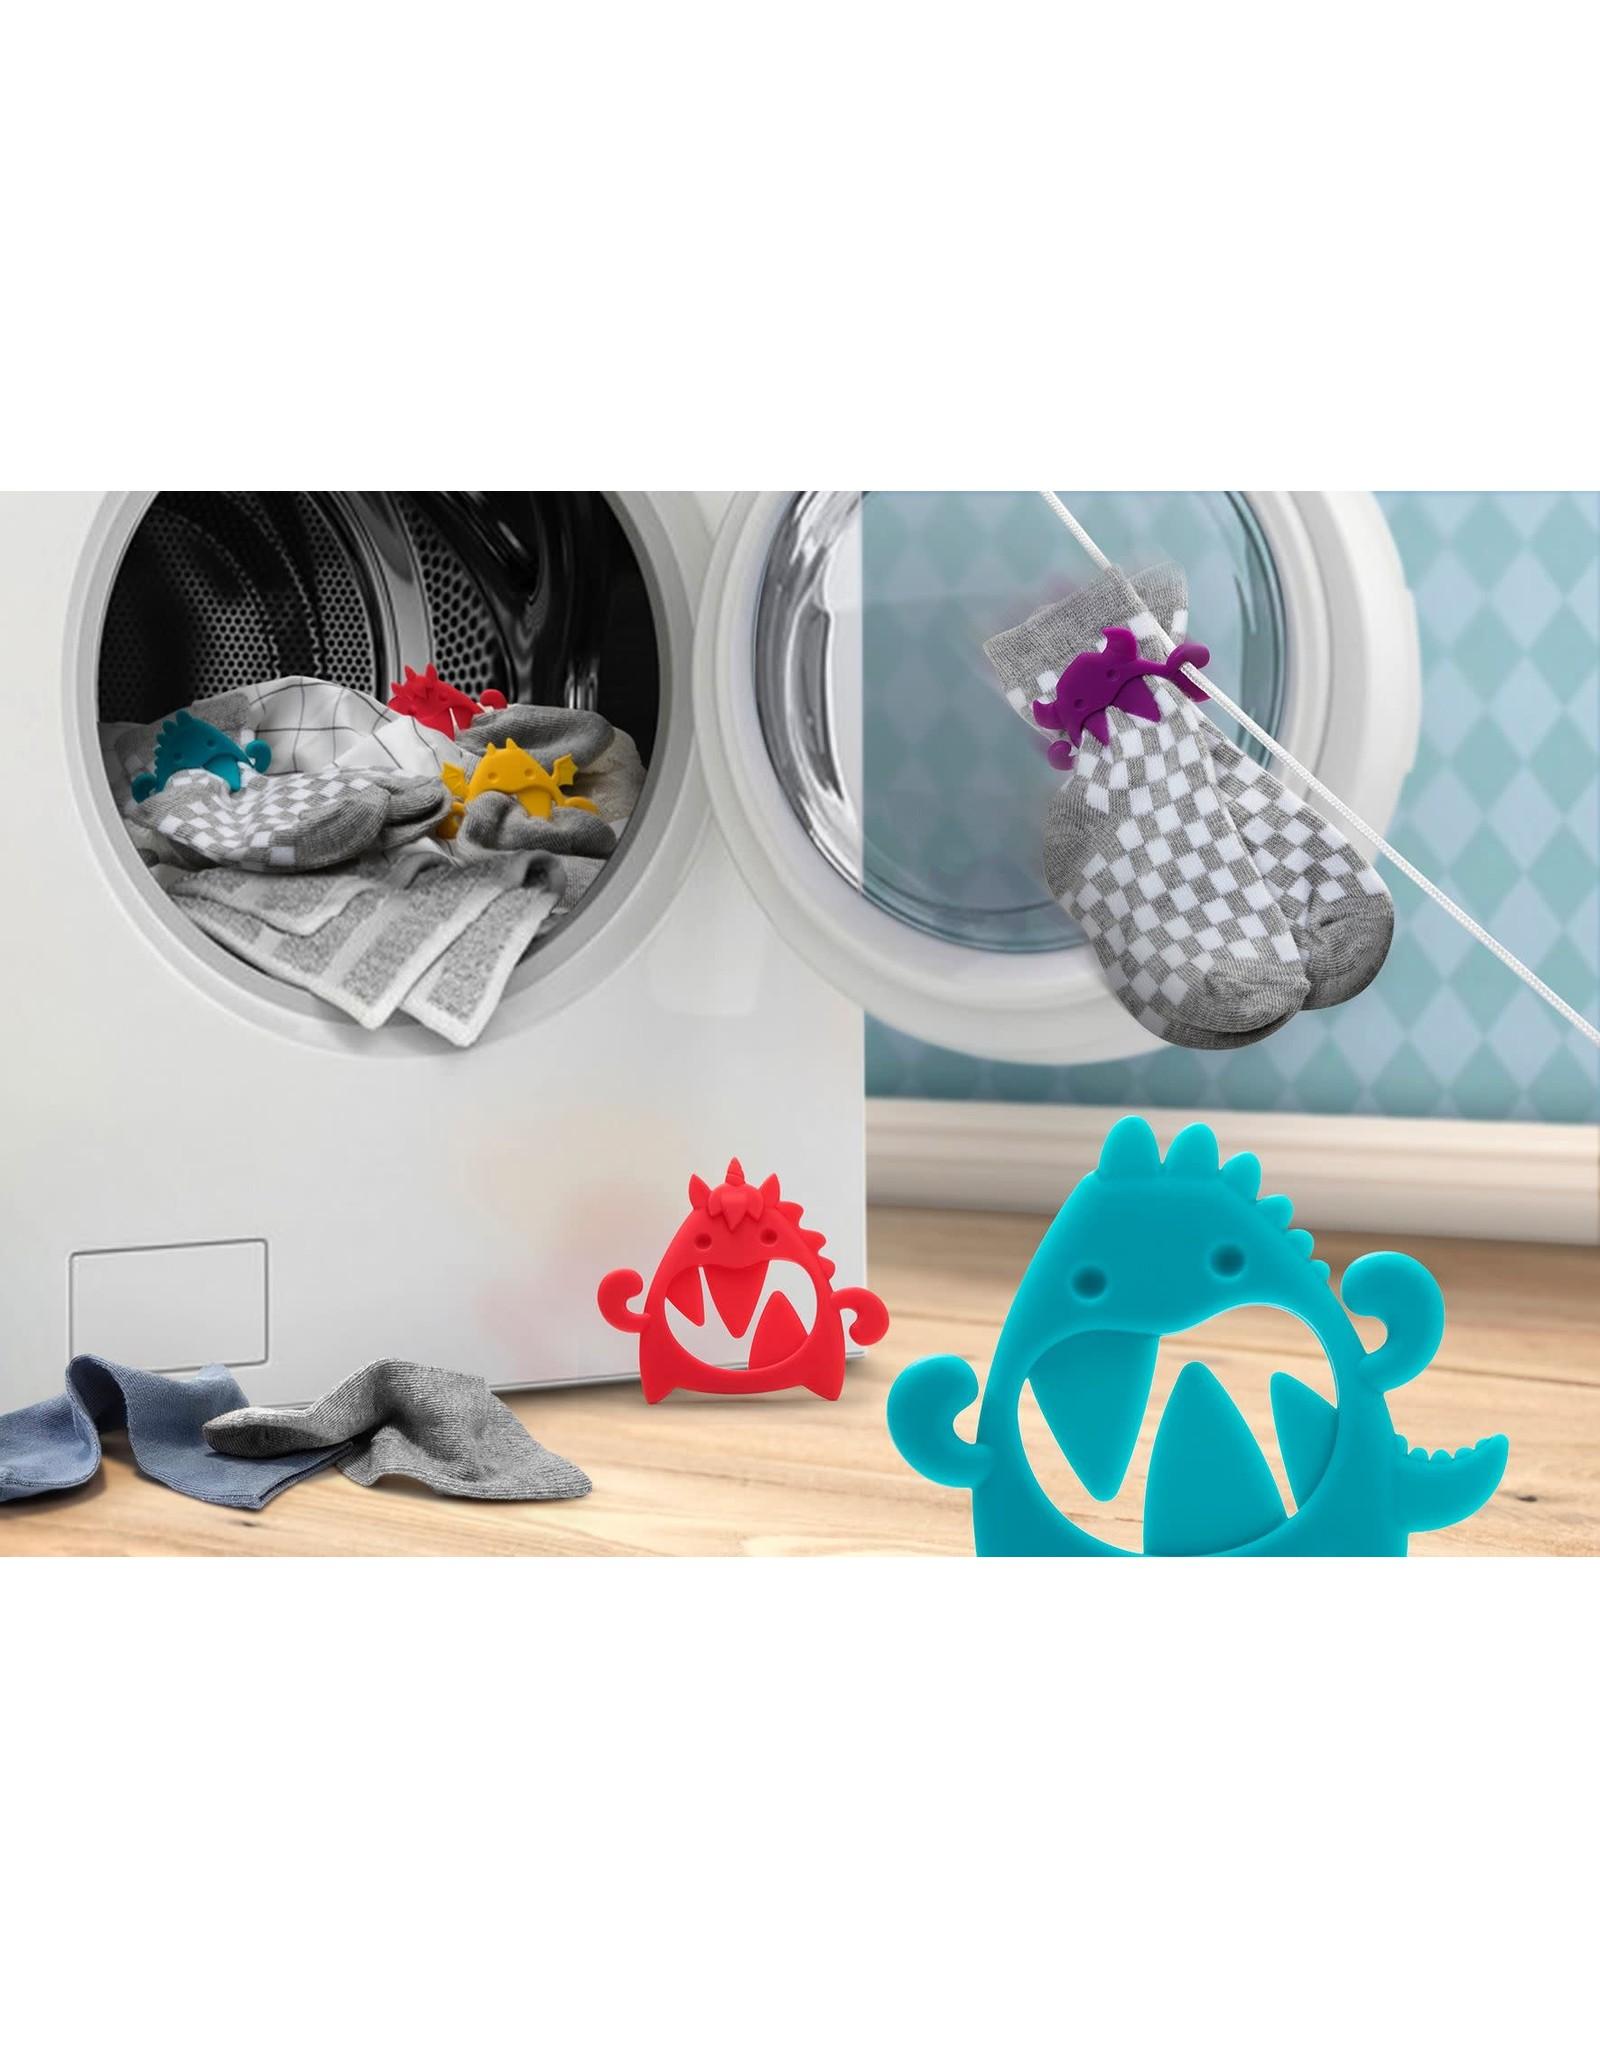 Ototo colourful sock holder - sock monsters